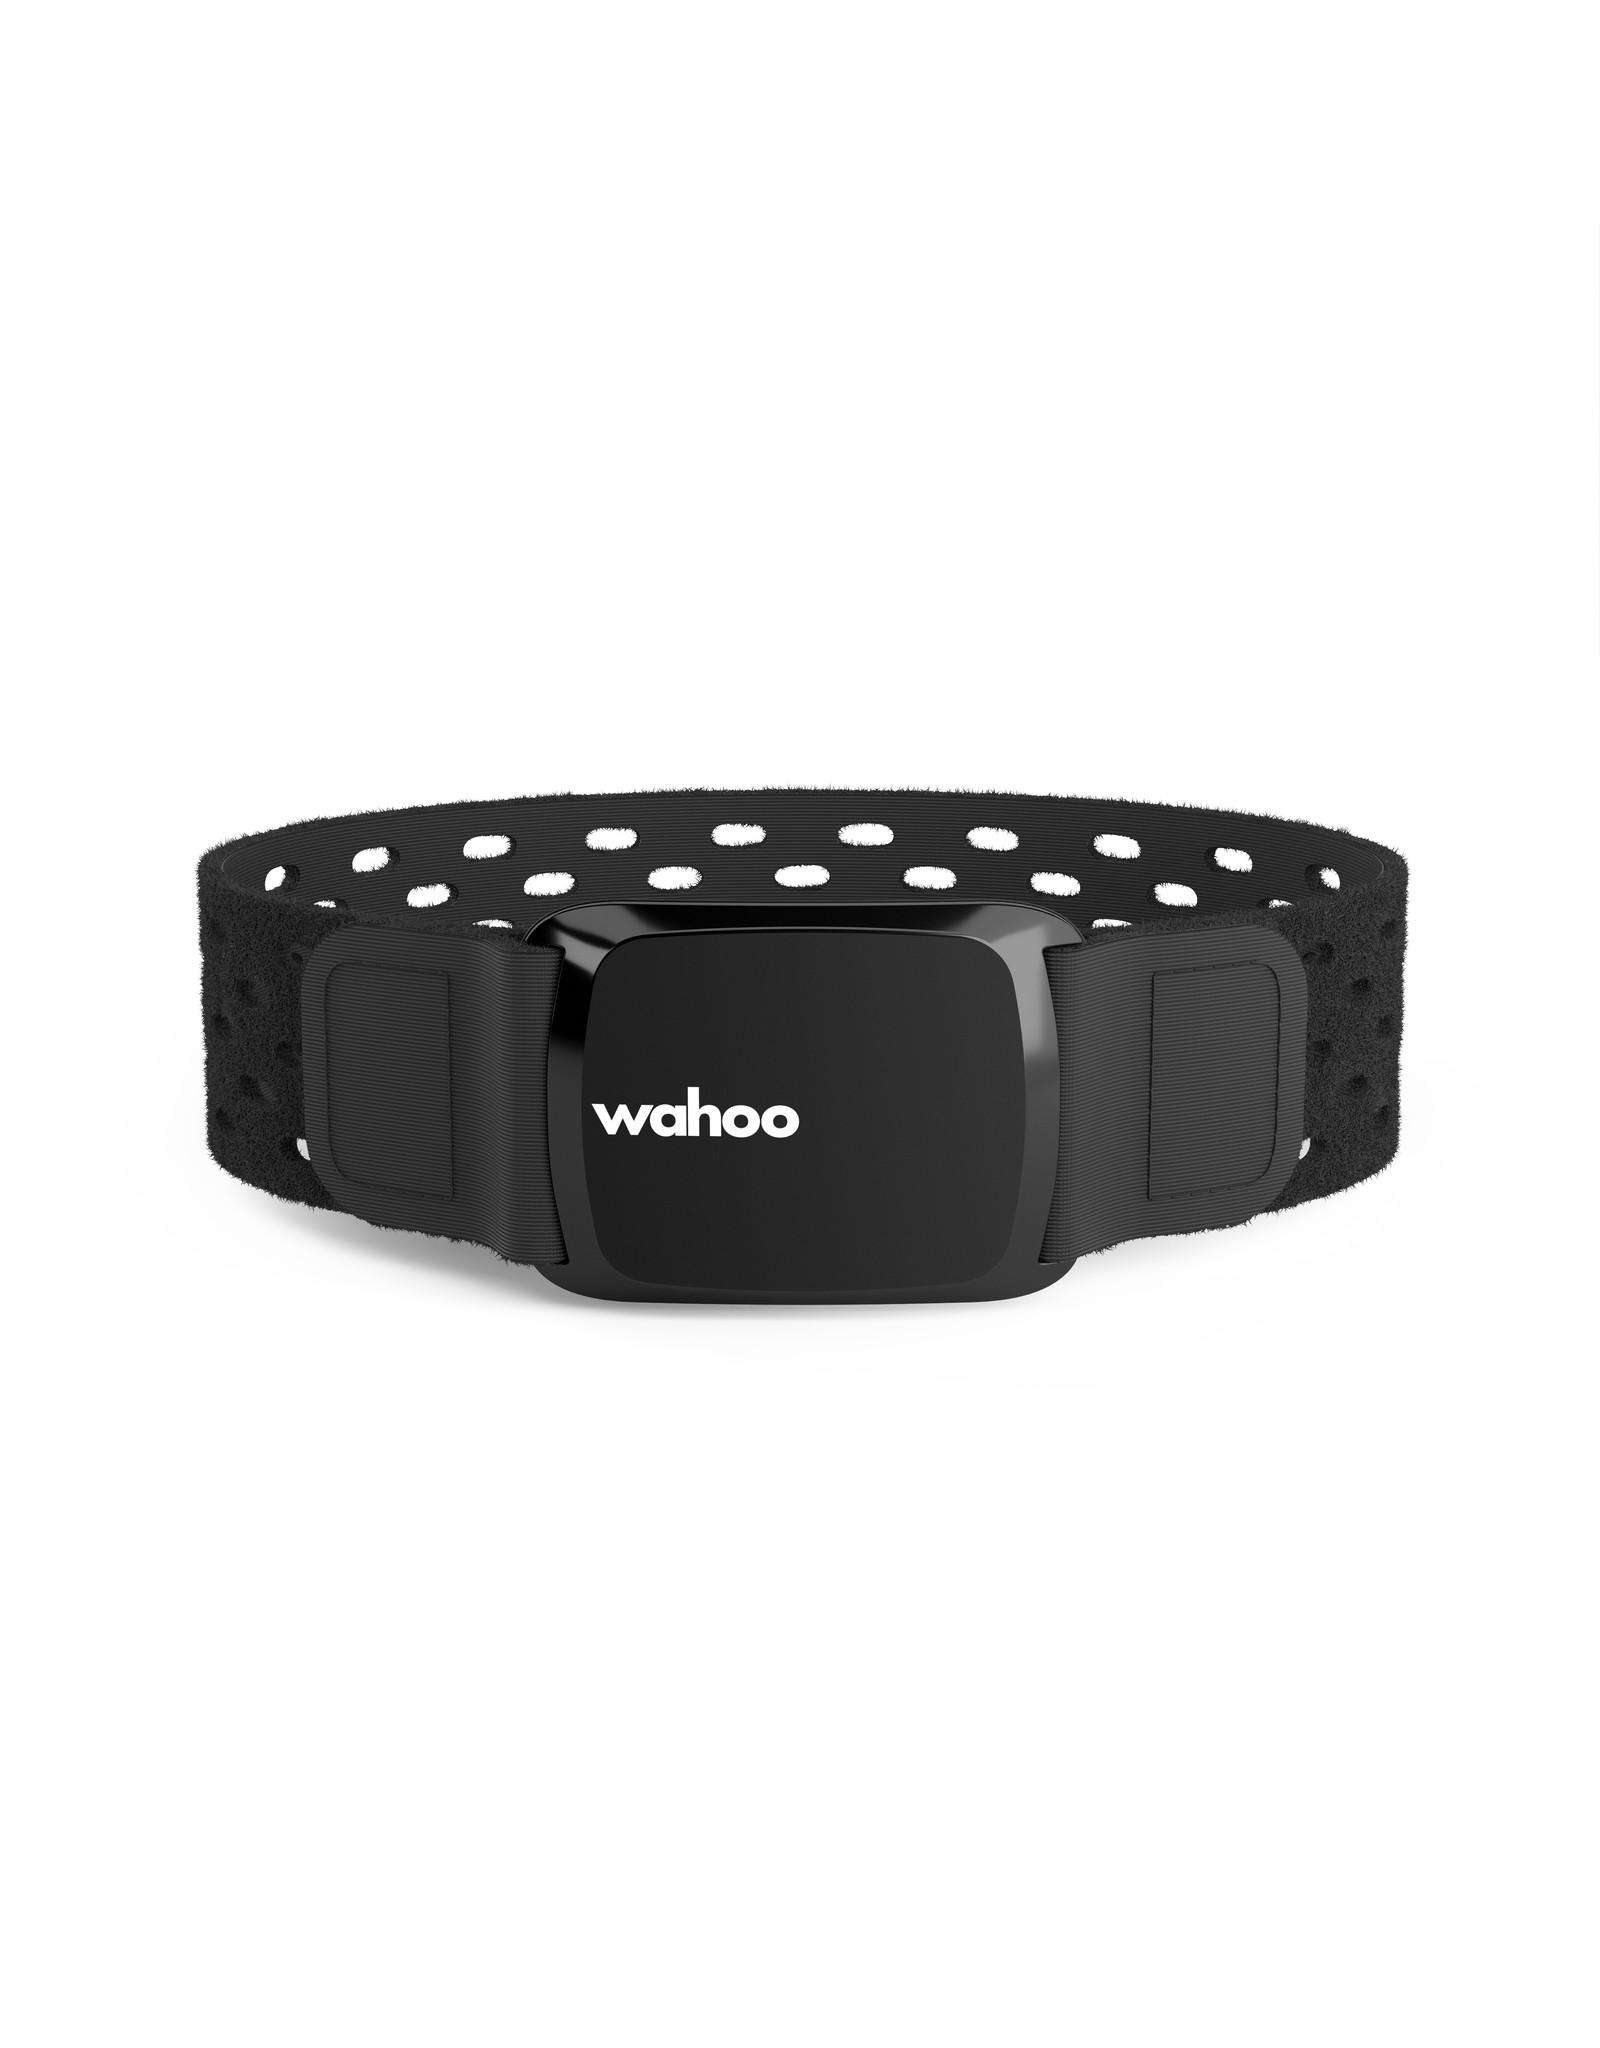 Wahoo Wahoo TICKR FIT Optical Heart Rate Armband